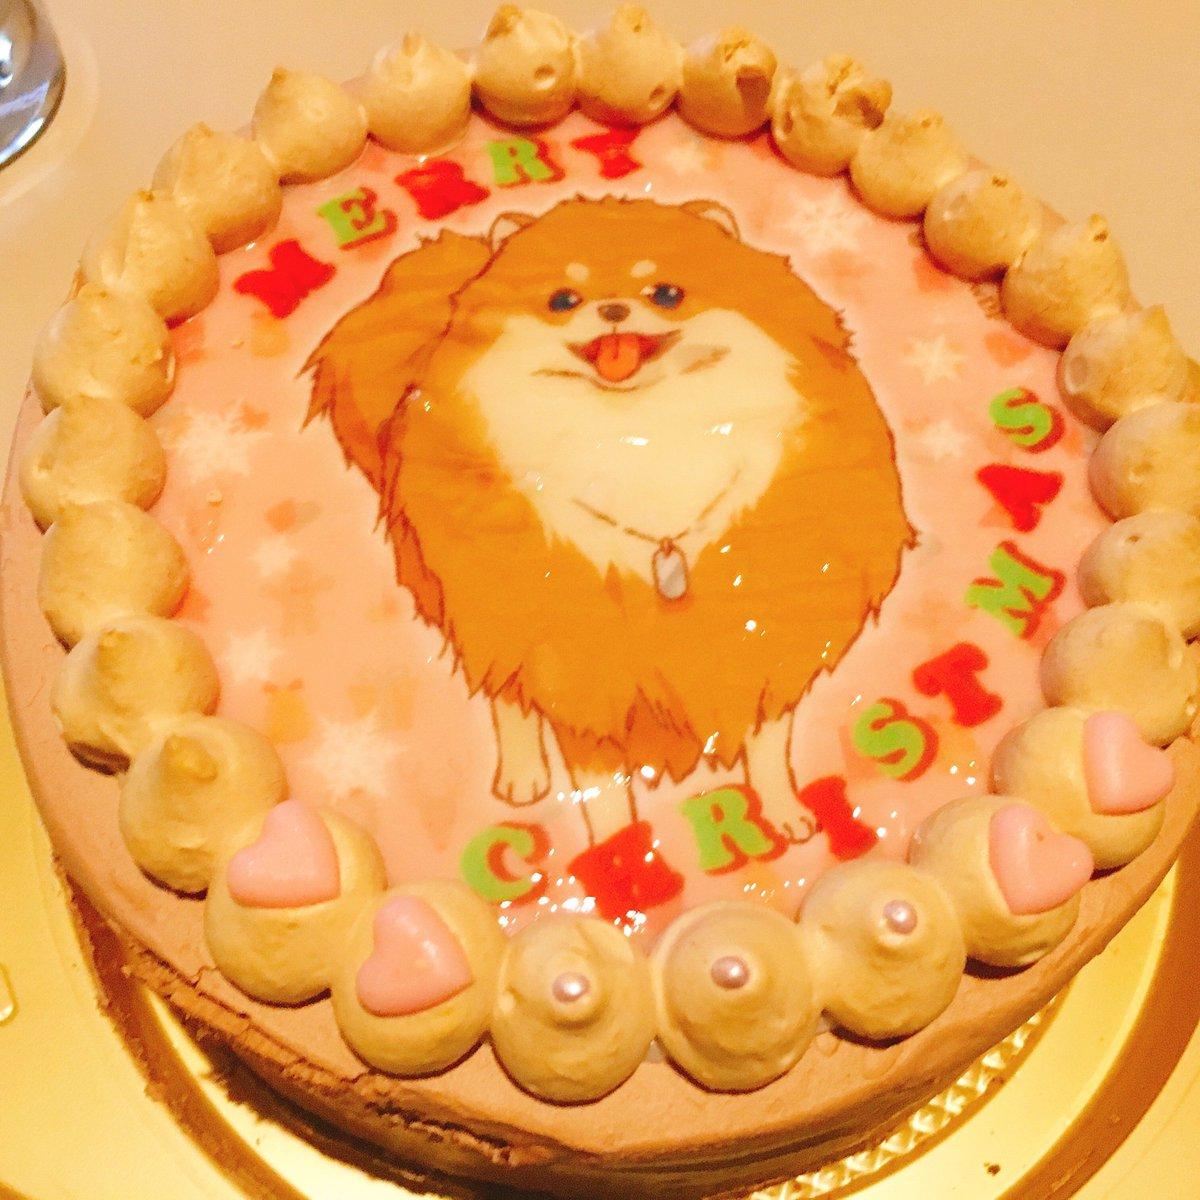 犬ケーキ1番良い部分もらった